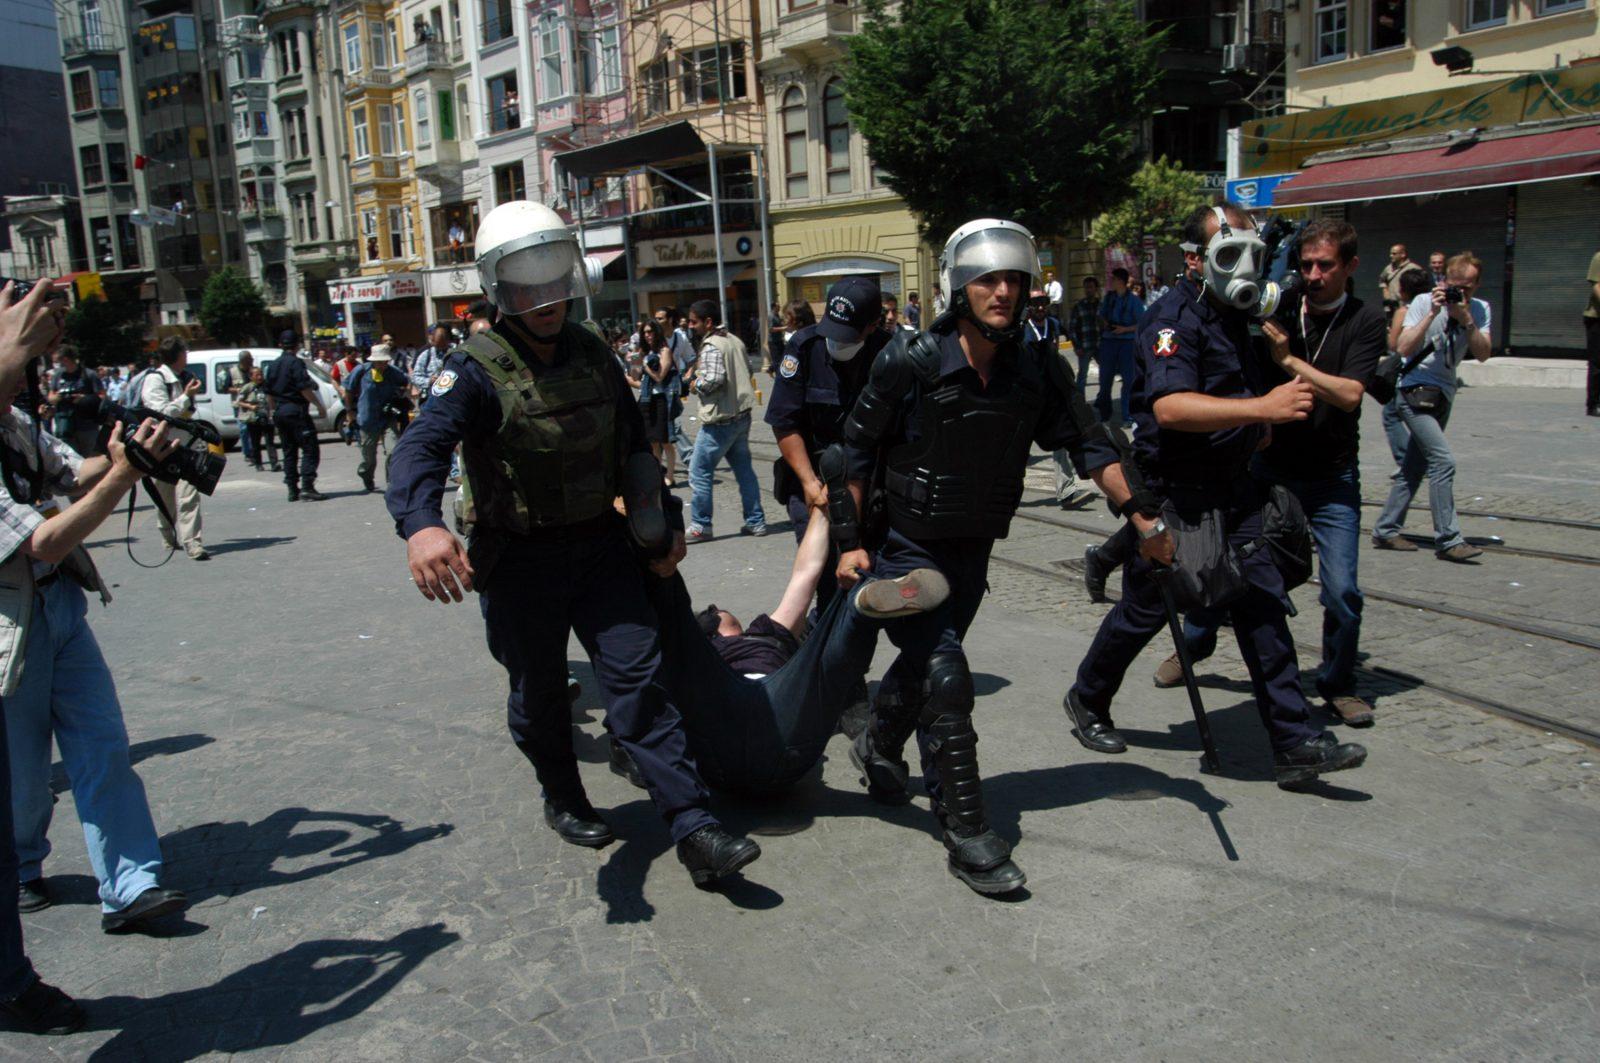 Devlet: hukuk mu, özgürlükler mi, yoksa polis mi?